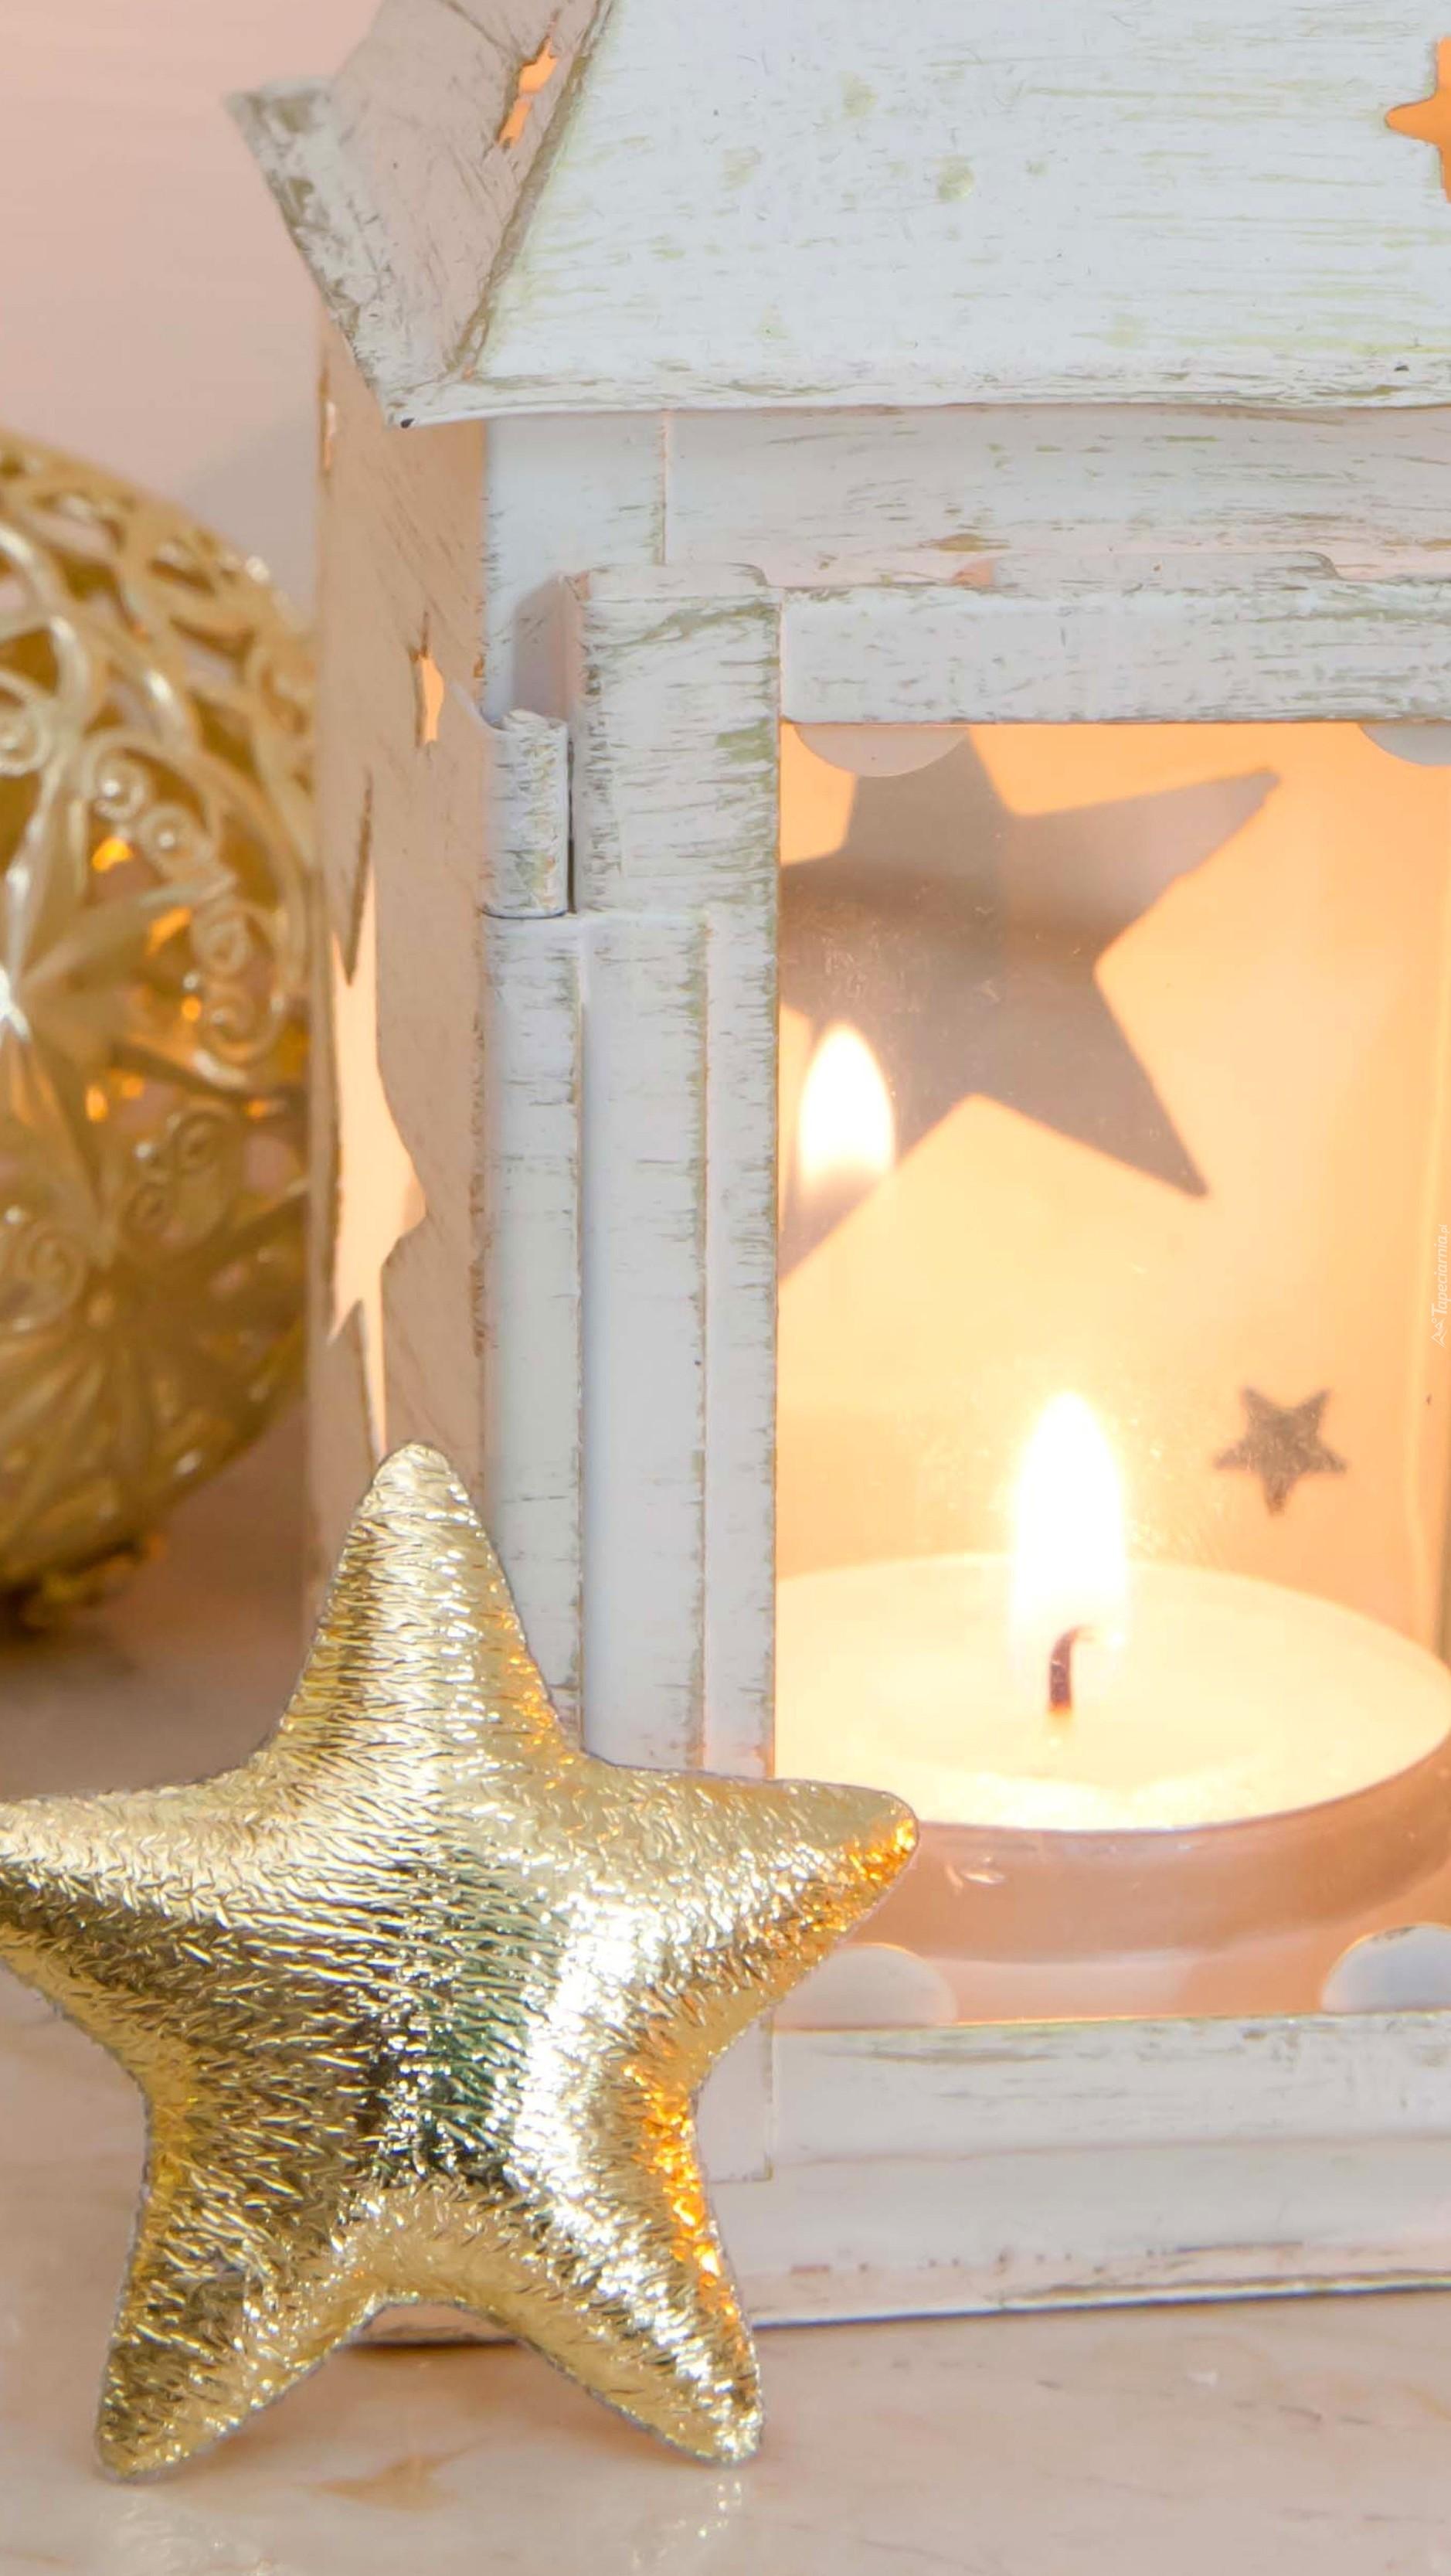 Gwiazdka oparta o lampion